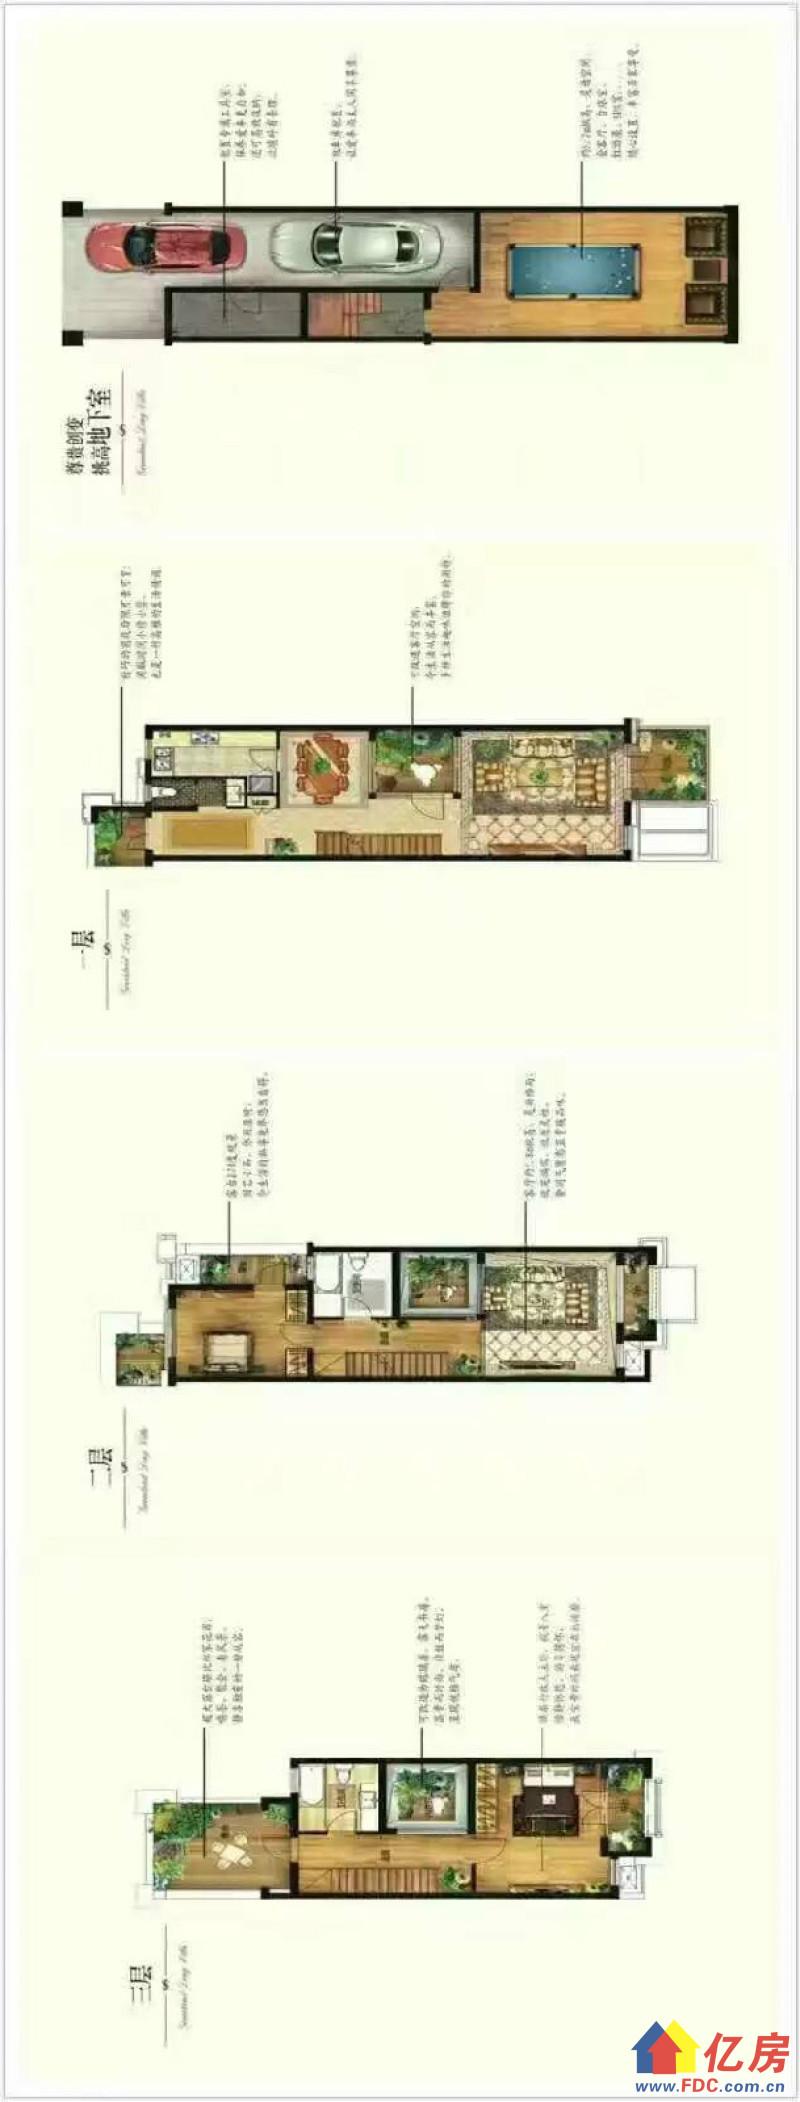 绿地4室189平联排别墅 送双车位花园地下室,武汉汉阳区汉阳周边汉阳区江城大道与四新大道交汇处前行800米二手房4室 - 亿房网